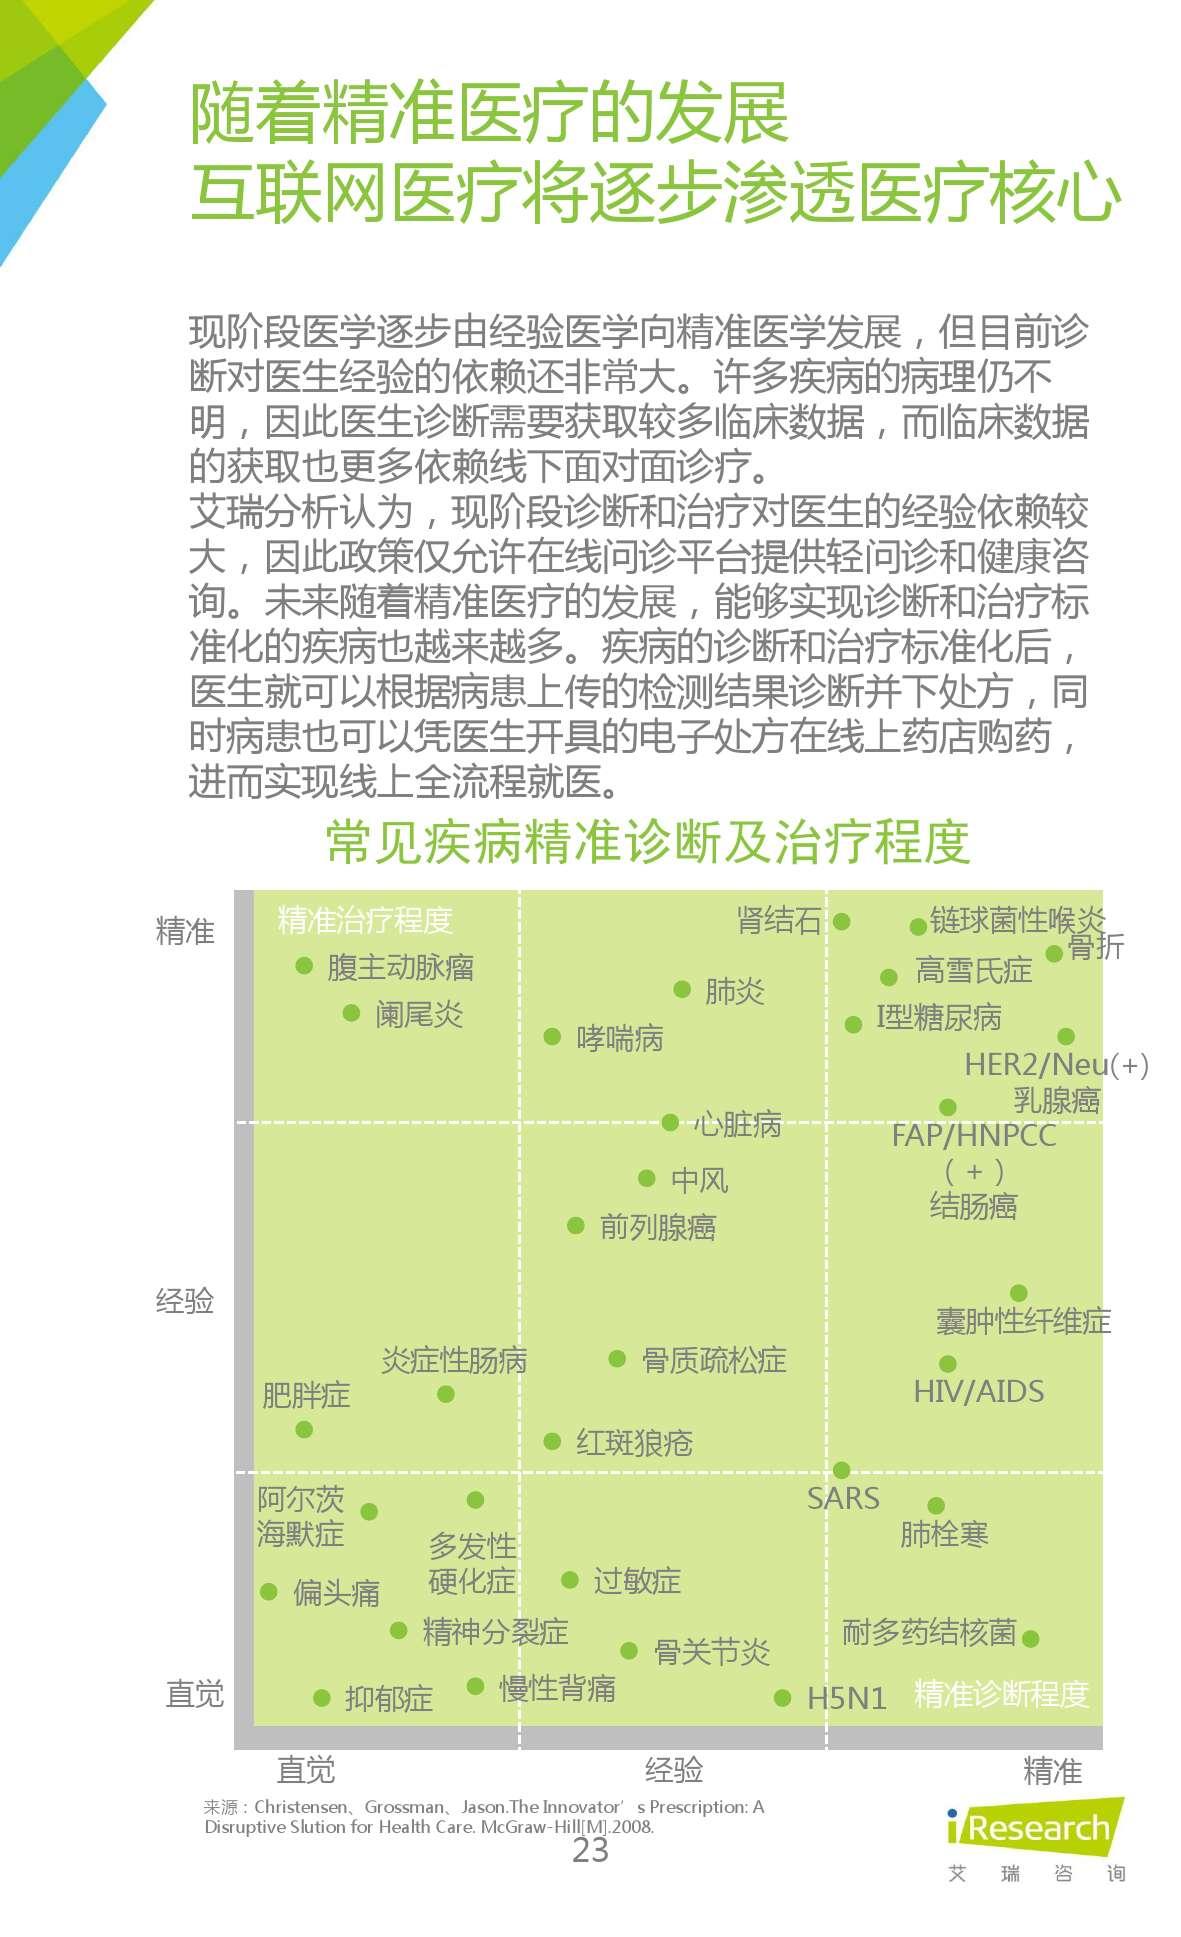 2015年中国在线问诊行业研究报告_000023